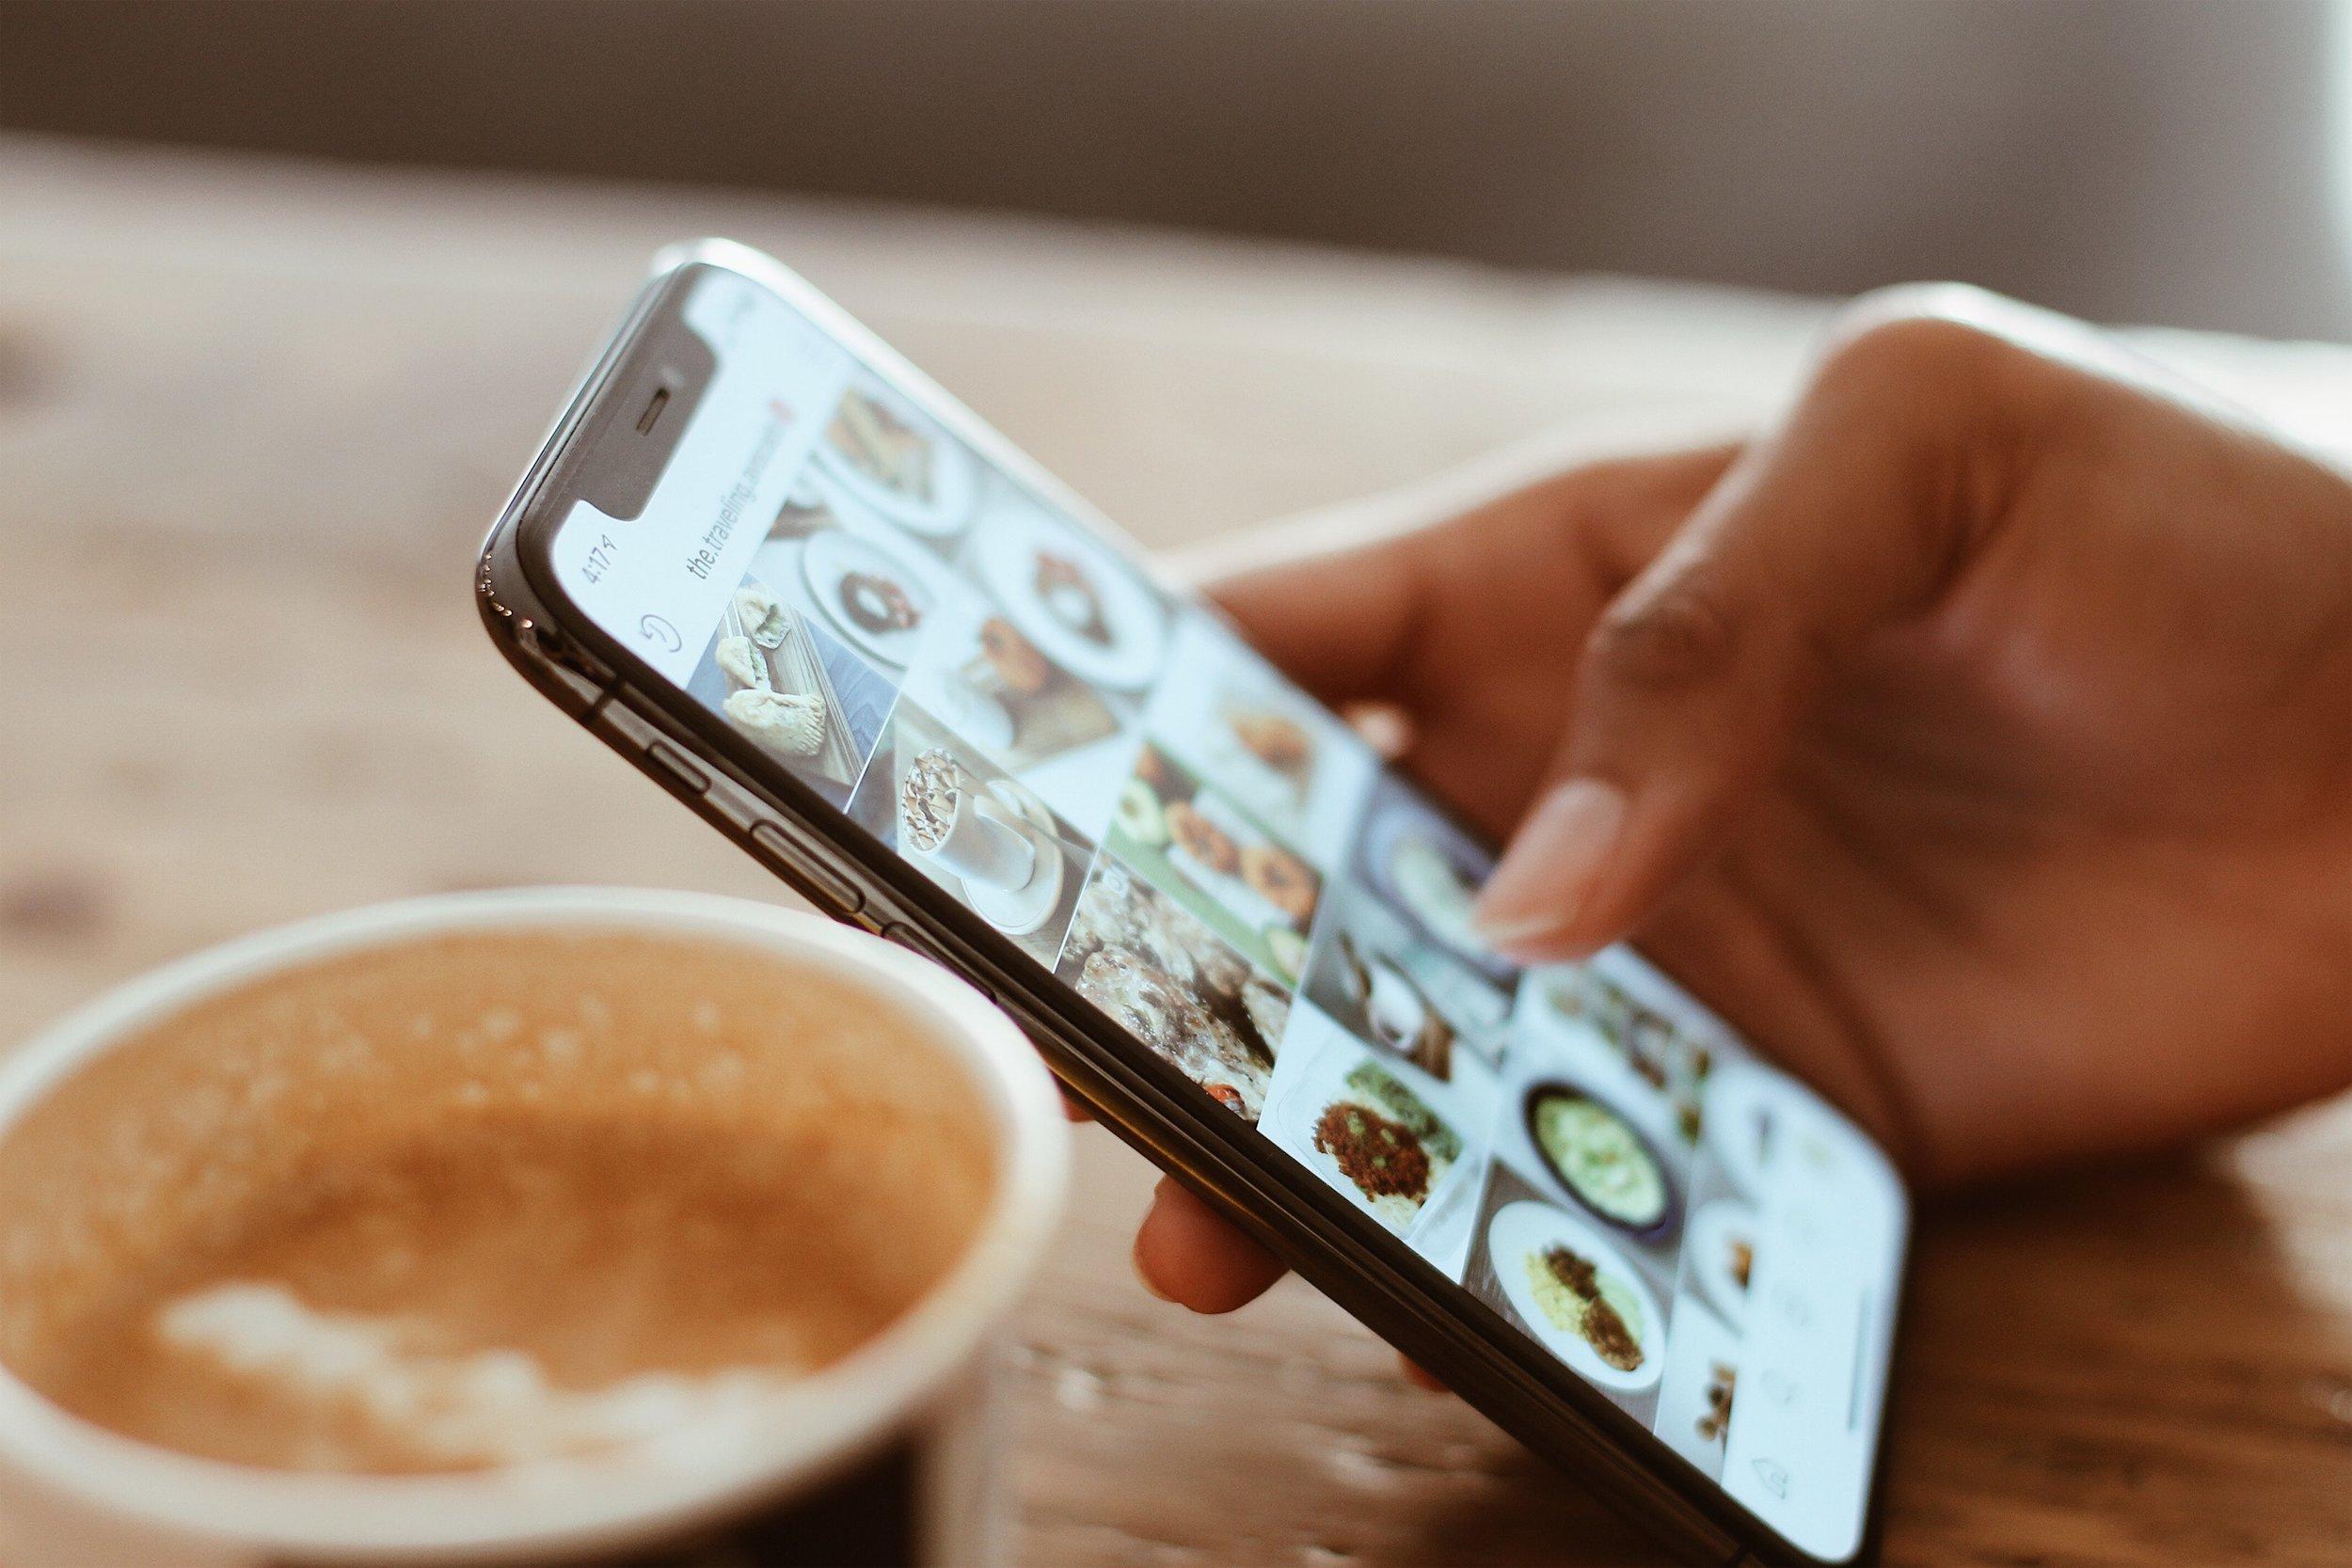 beverage-breakfast-browse-1542252.jpg